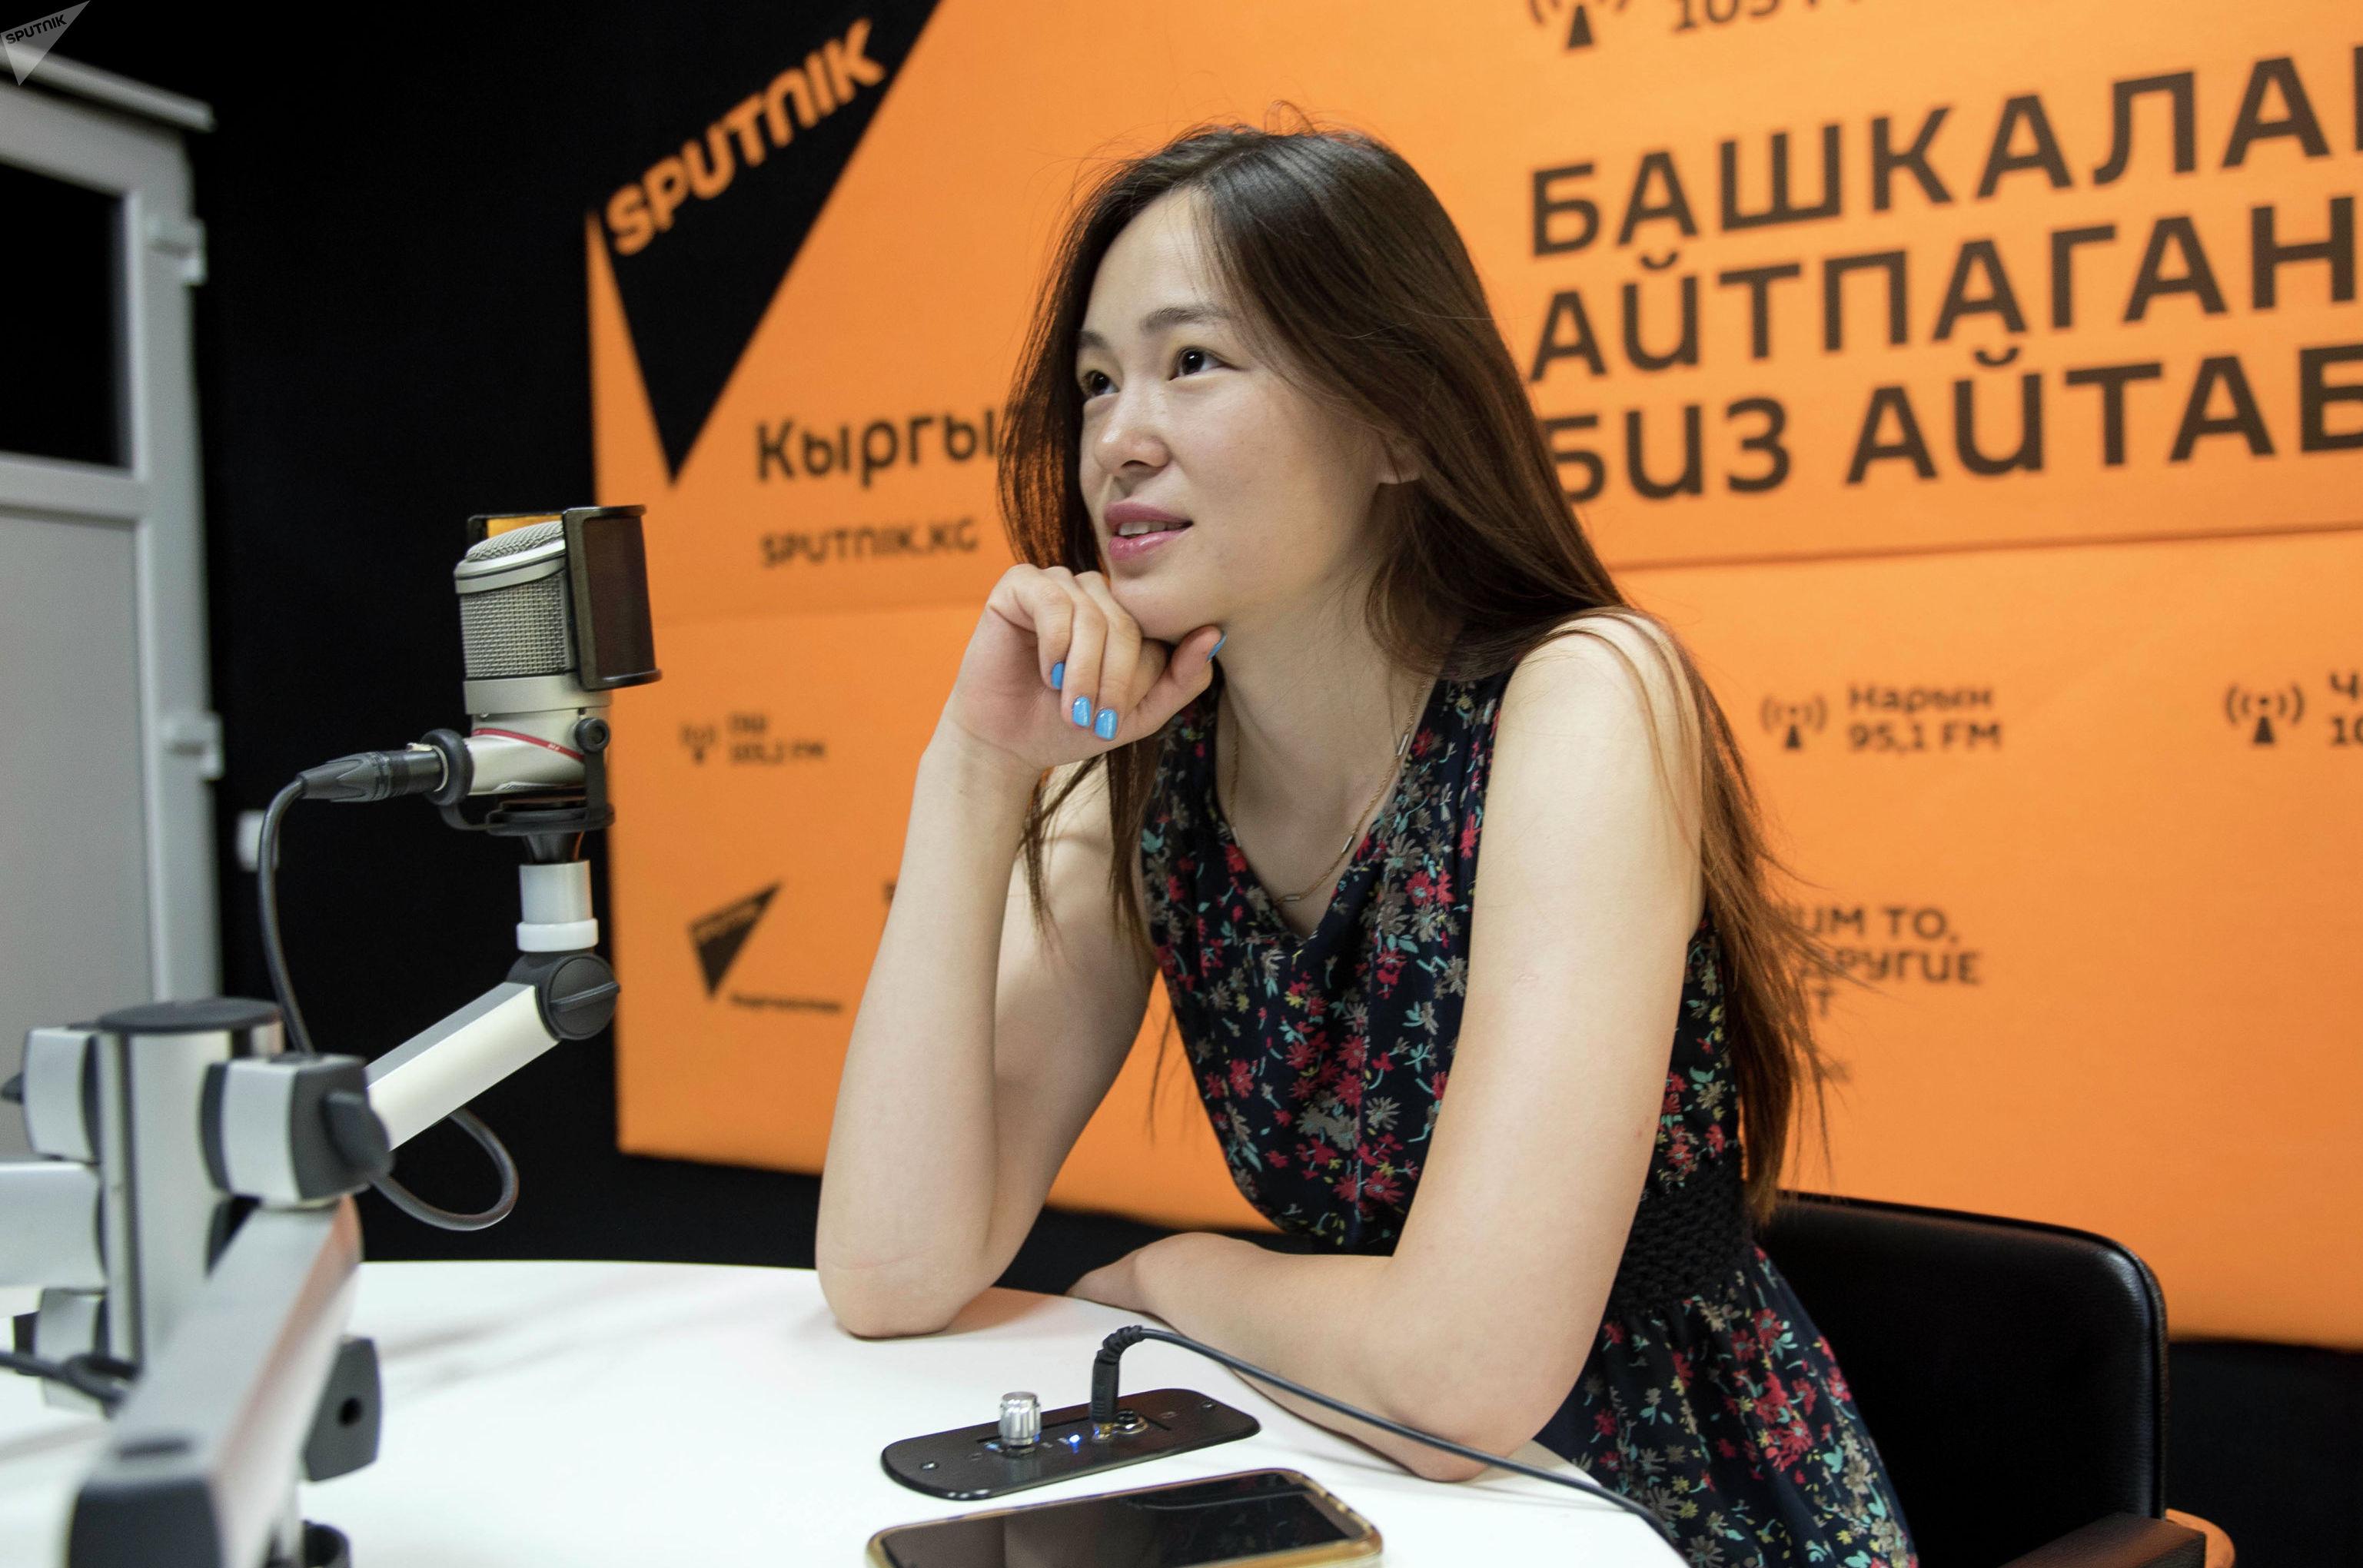 Основатель клуба программирования Neobis, где обучаются студенты IT-сферы Санира Маджикова во время беседы на радио Sputnik Кыргызстан